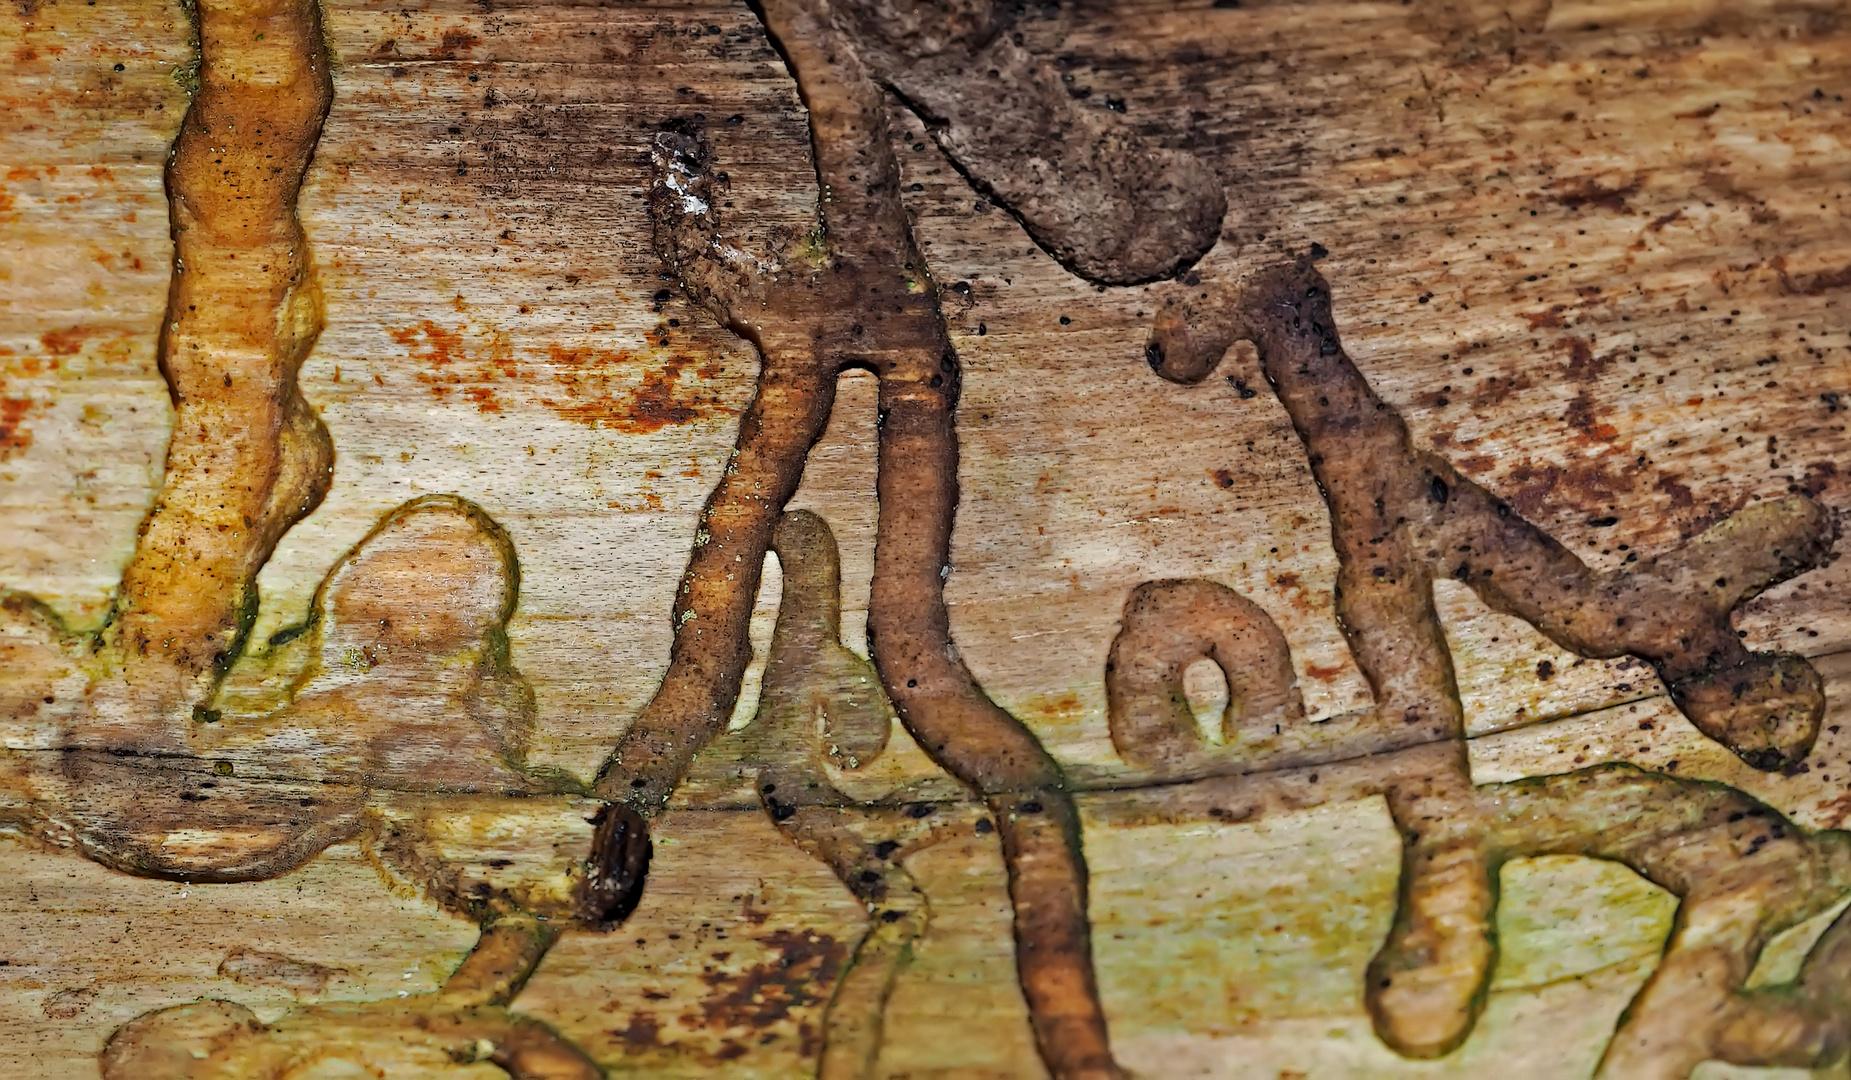 Künstler Borkenkäfer hat dieses Bild geschnitzt... - L'artiste, c'est un Ips typographus du bois!